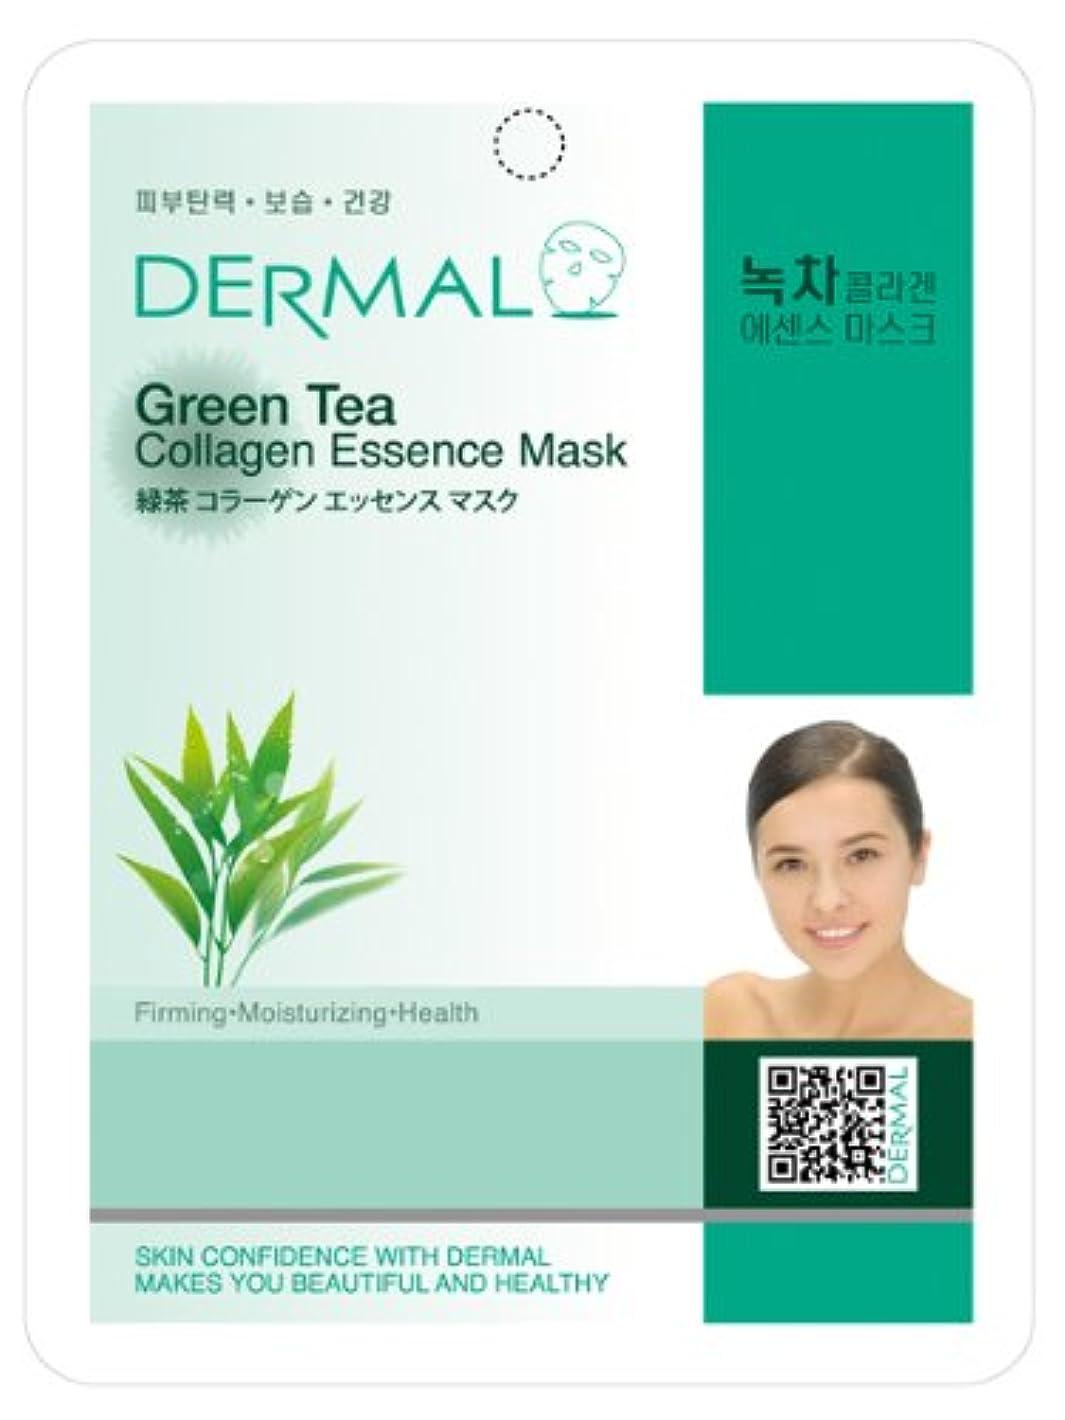 例外お願いします差別シートマスク 緑茶 100枚セット ダーマル(Dermal) フェイス パック